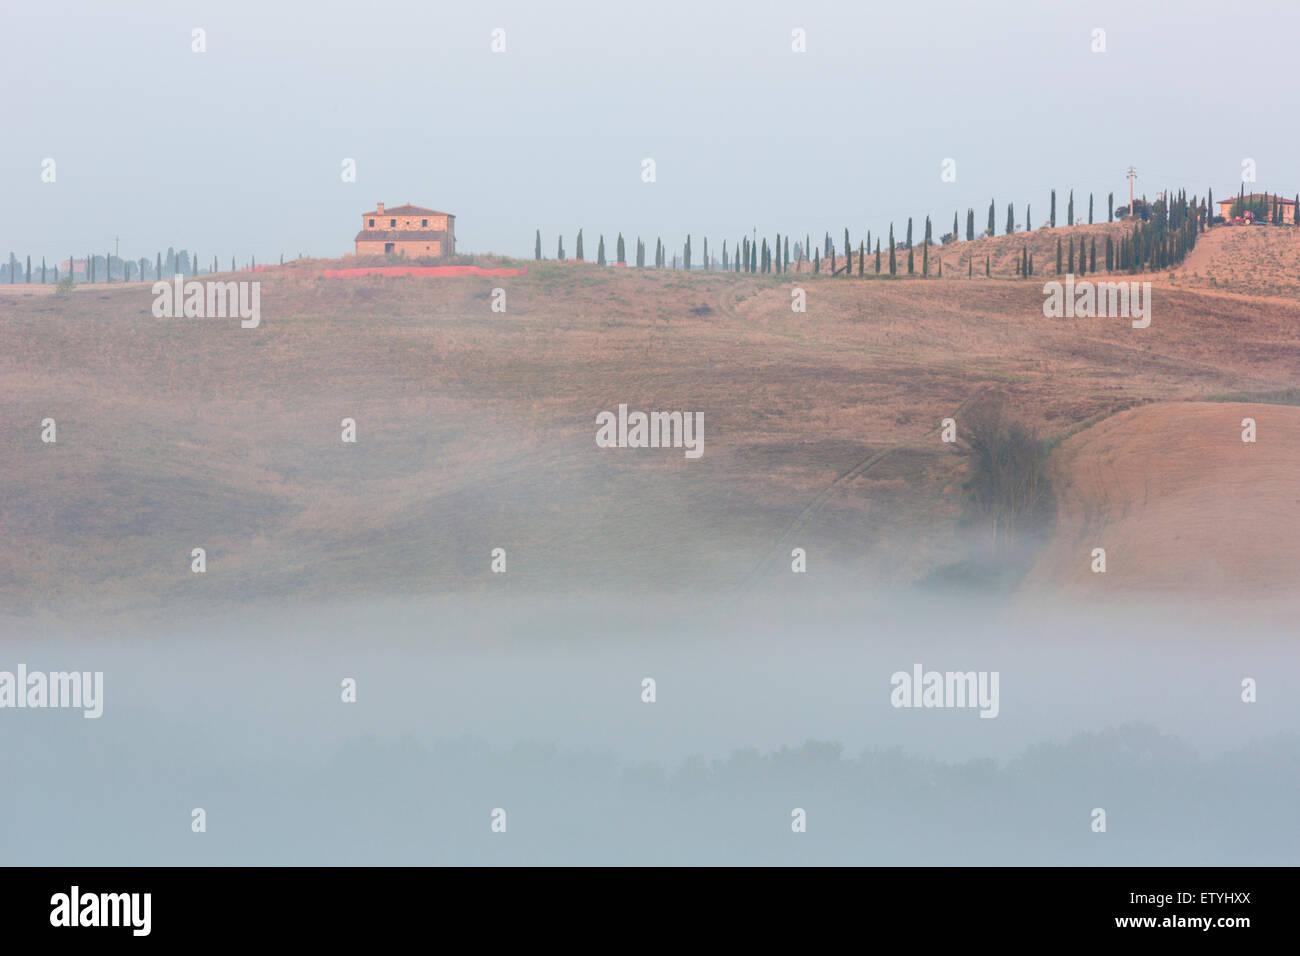 Vista sul paesaggio agricolo in Val d'Chiana in Toscana, Italia Immagini Stock